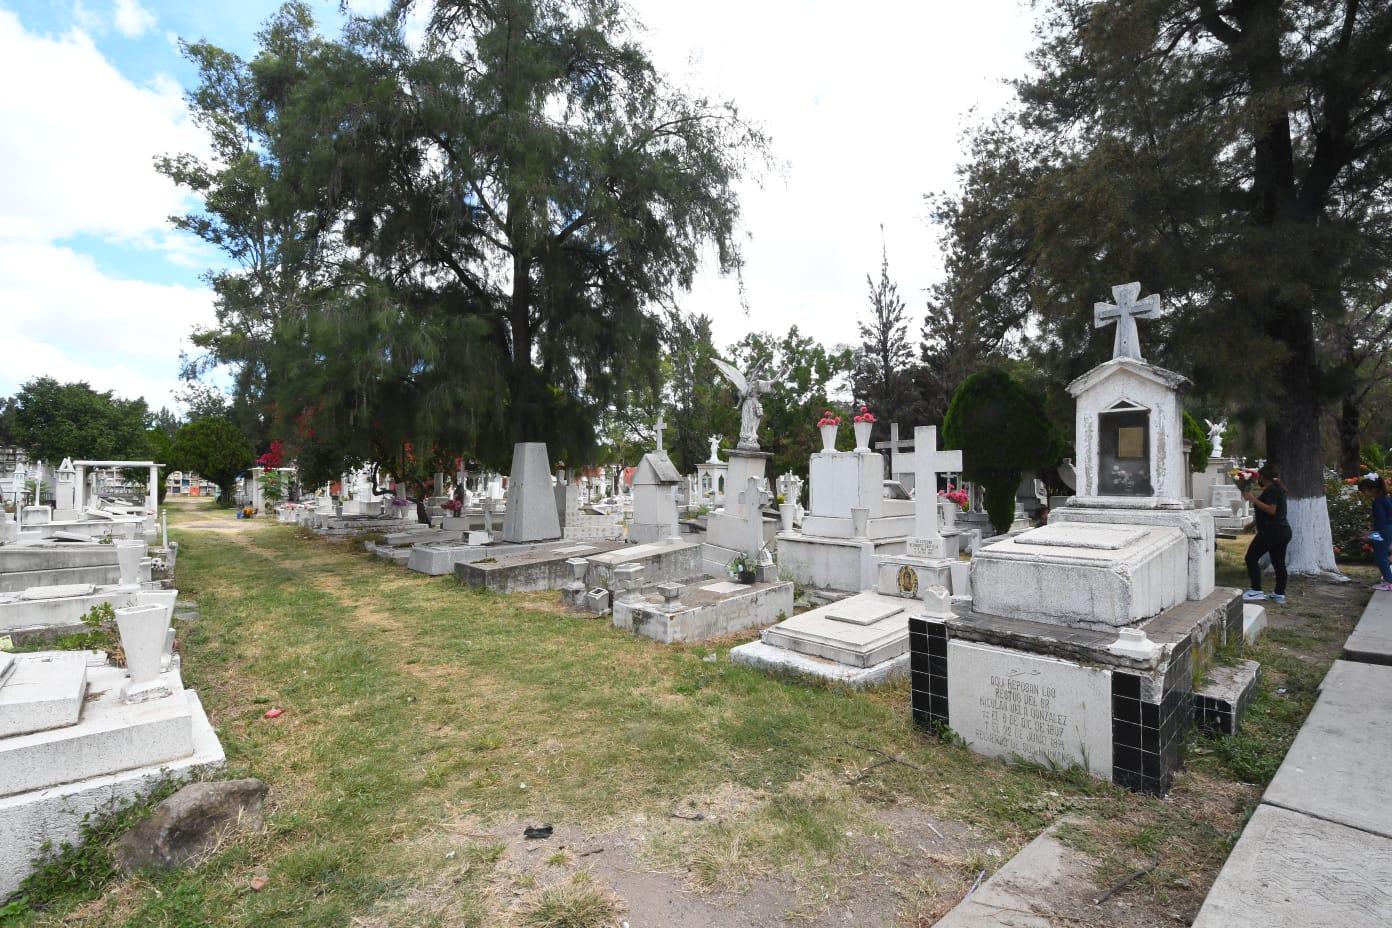 Abrirán panteones en Irapuato durante Día de Muertos